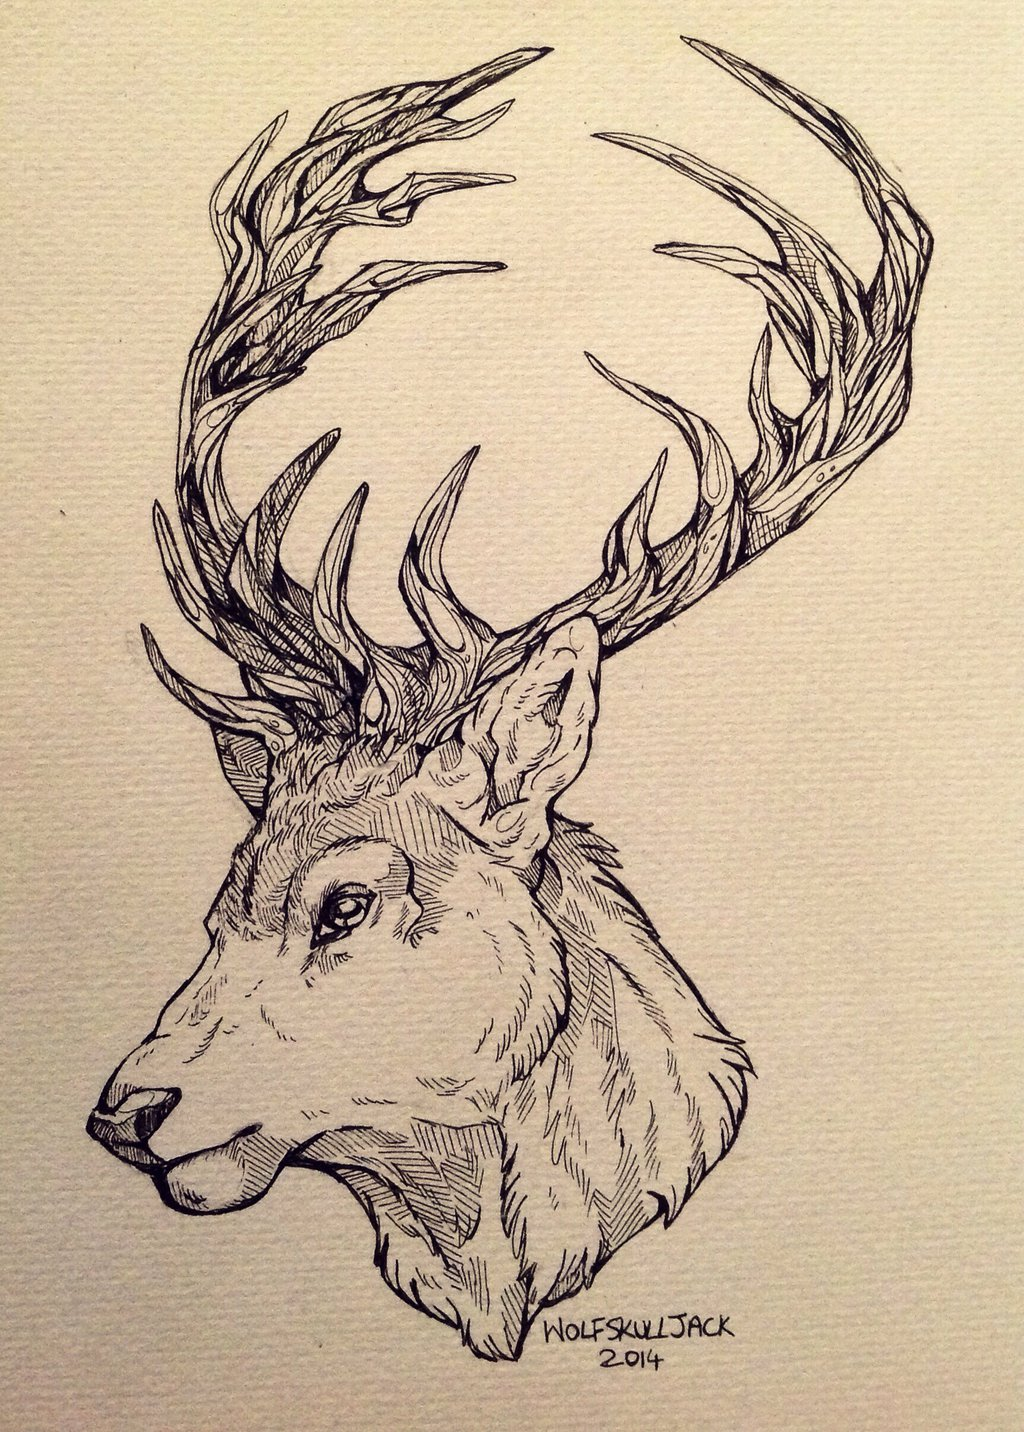 Drawn stag deviantart DeviantArt The Stag WolfSkullJack on